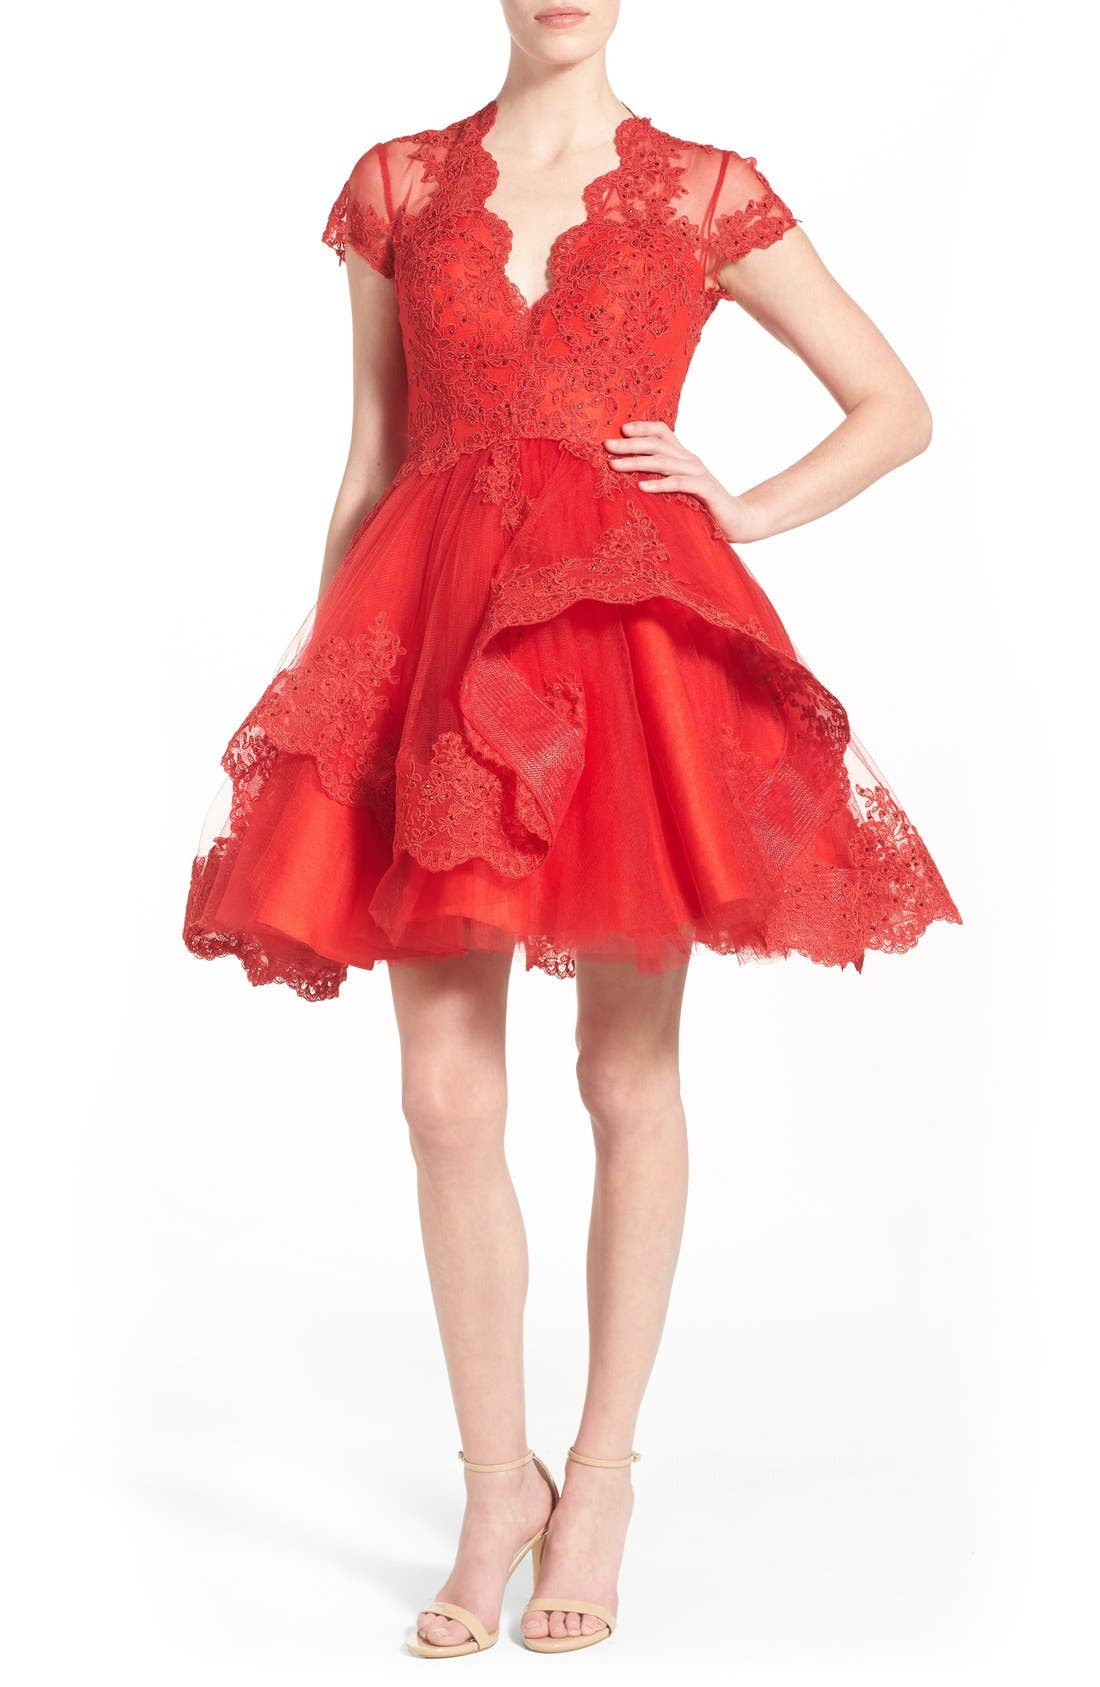 Alternate Image 1 Selected - Mac Duggal Lace Skater Dress